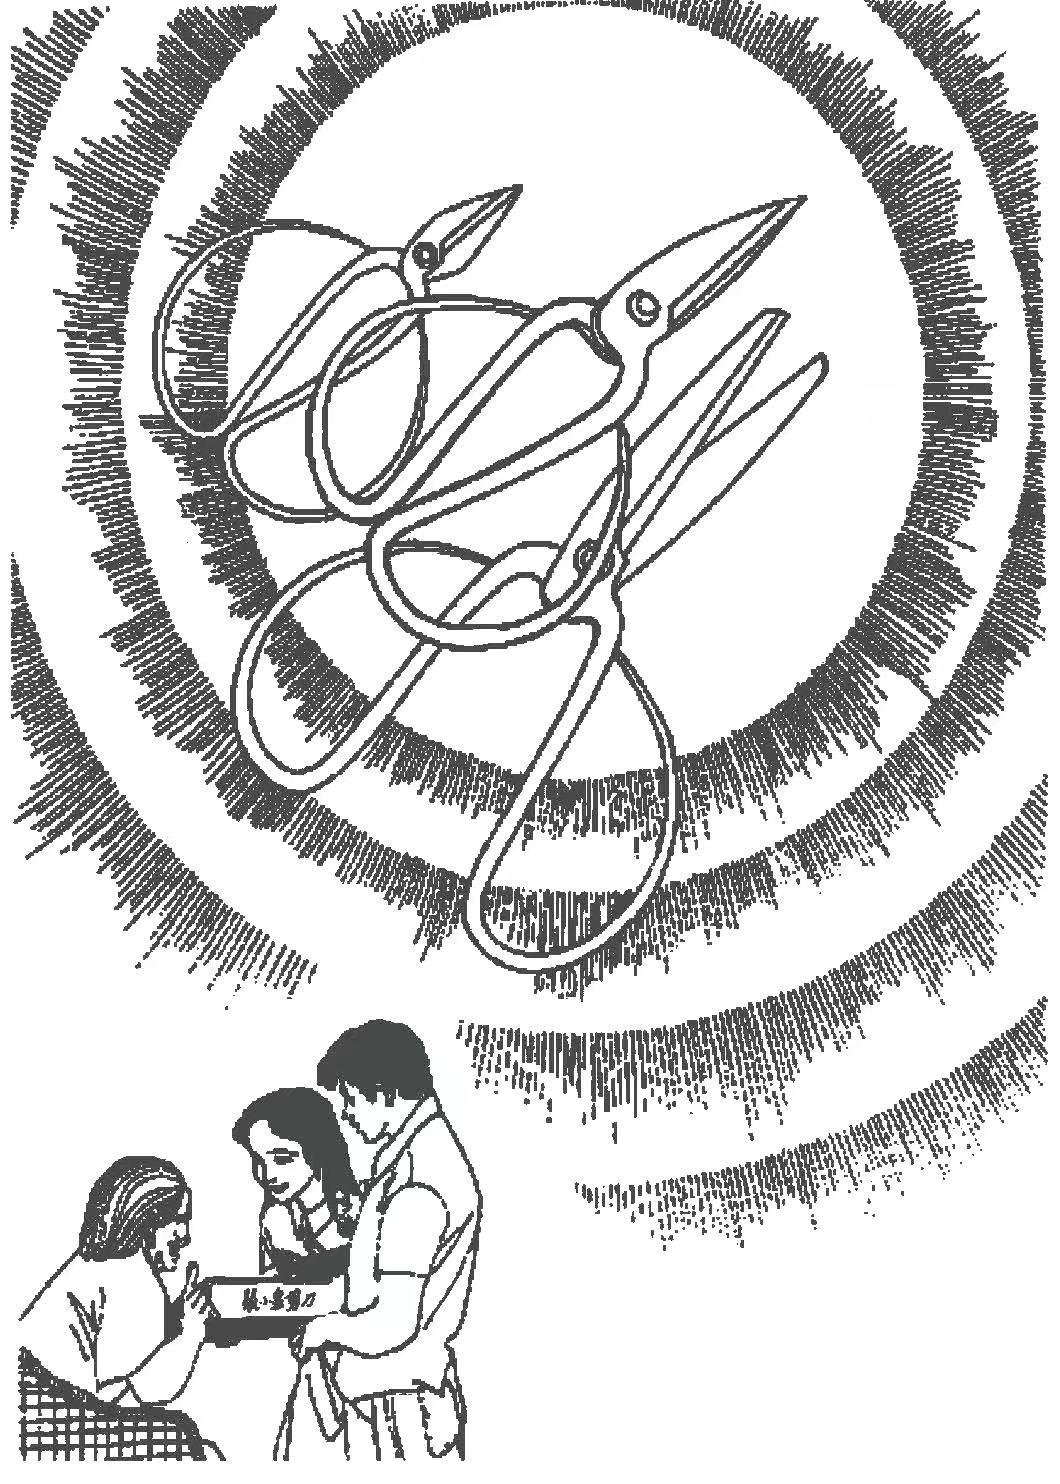 剪刀镀镍与68号褒状——1917年,张祖盈从进口理发剪镀镍得到启发,试验普通剪刀的镀镍抛光技术,并于1919年获北洋政府农商部68号褒状。